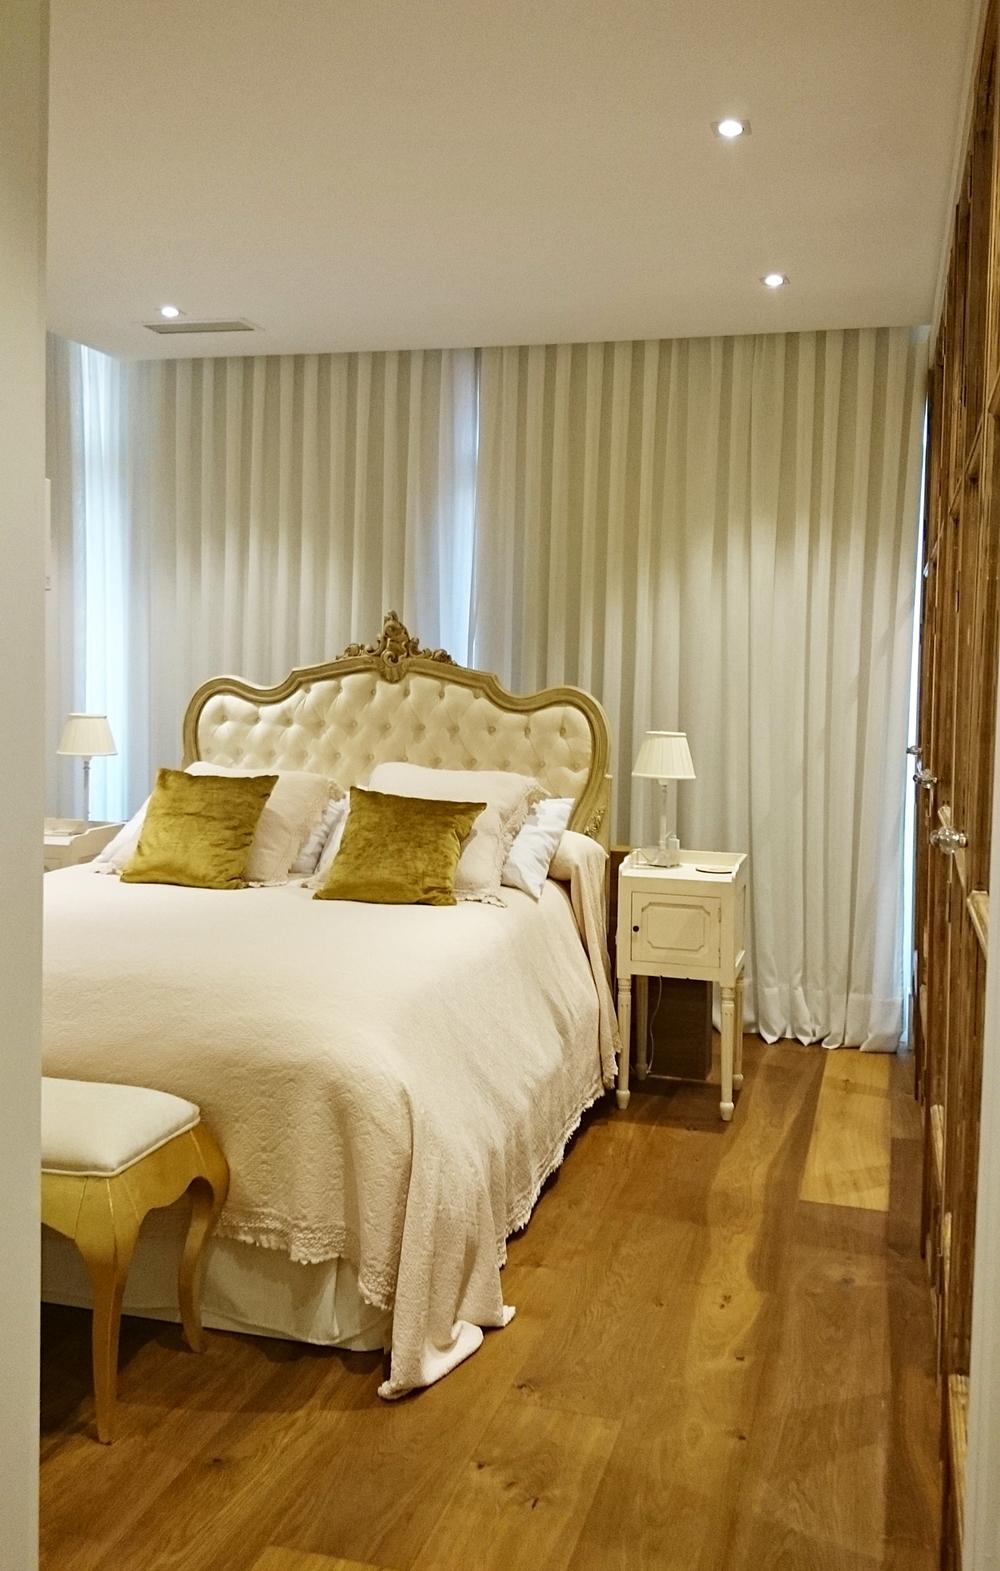 Cabecero estilo barroco con capiton tienda online de decoraci n y muebles personalizados - Cabeceros con estilo ...